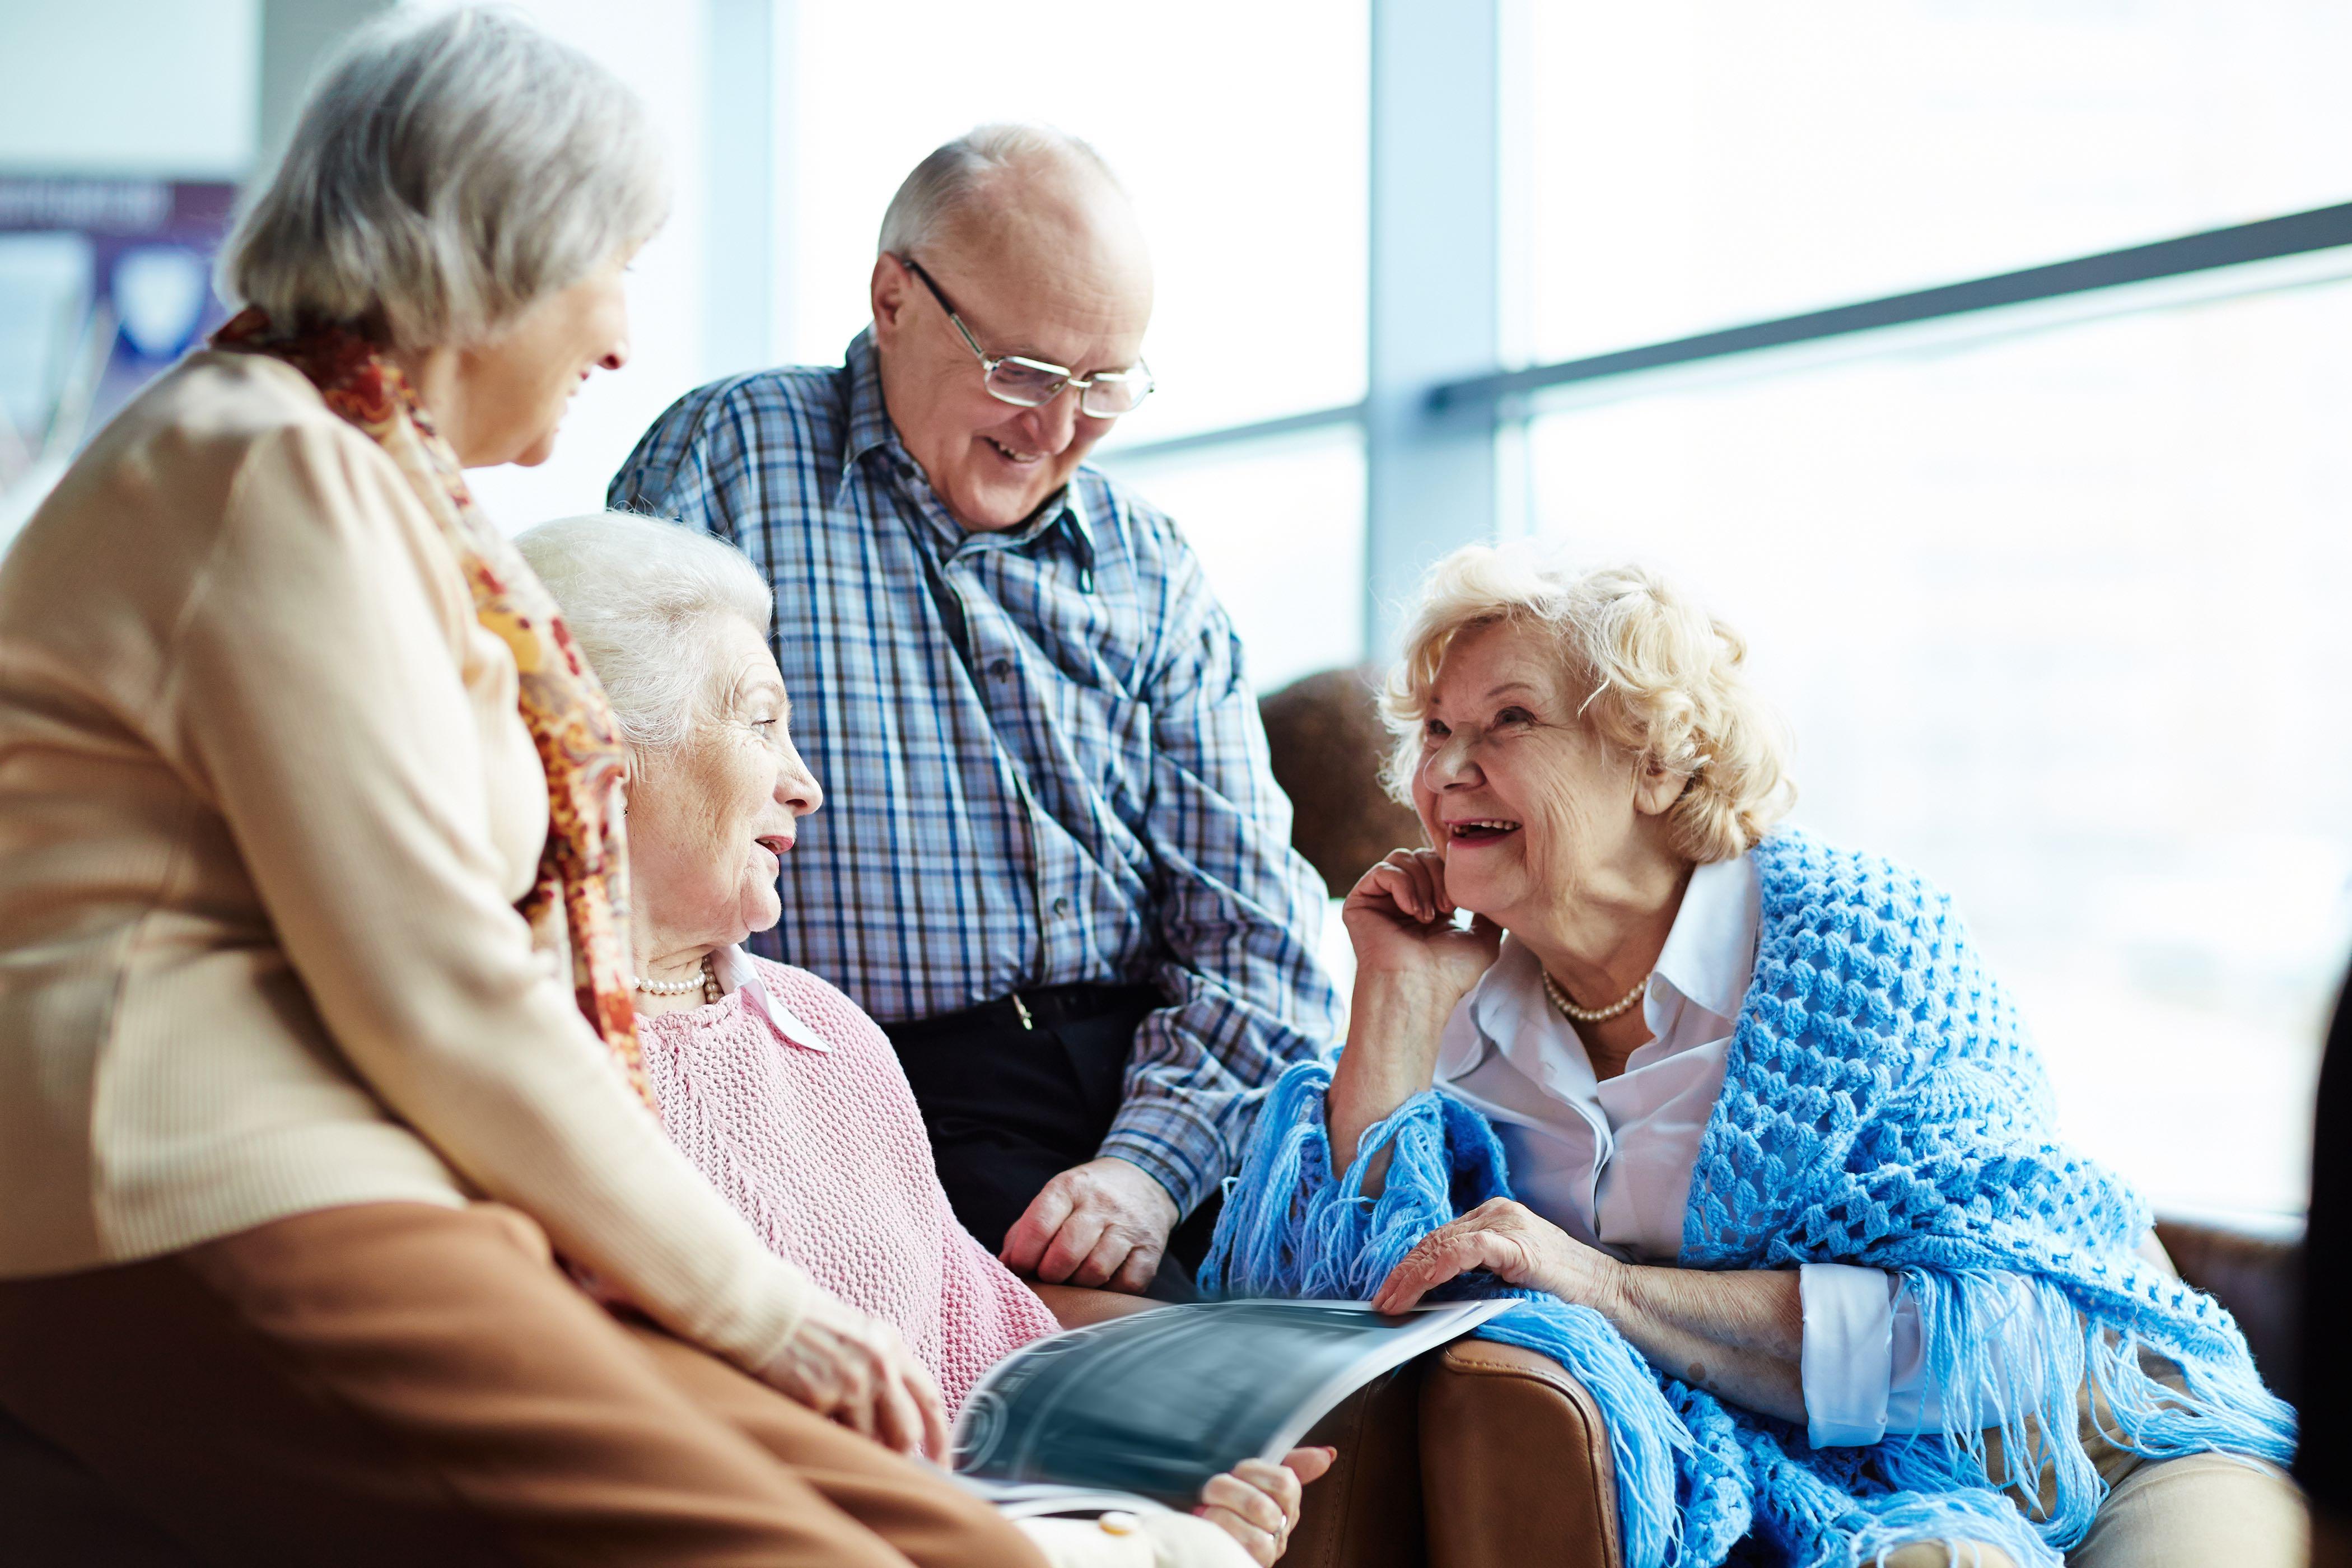 Преимущества частных домов престарелых перед государственными